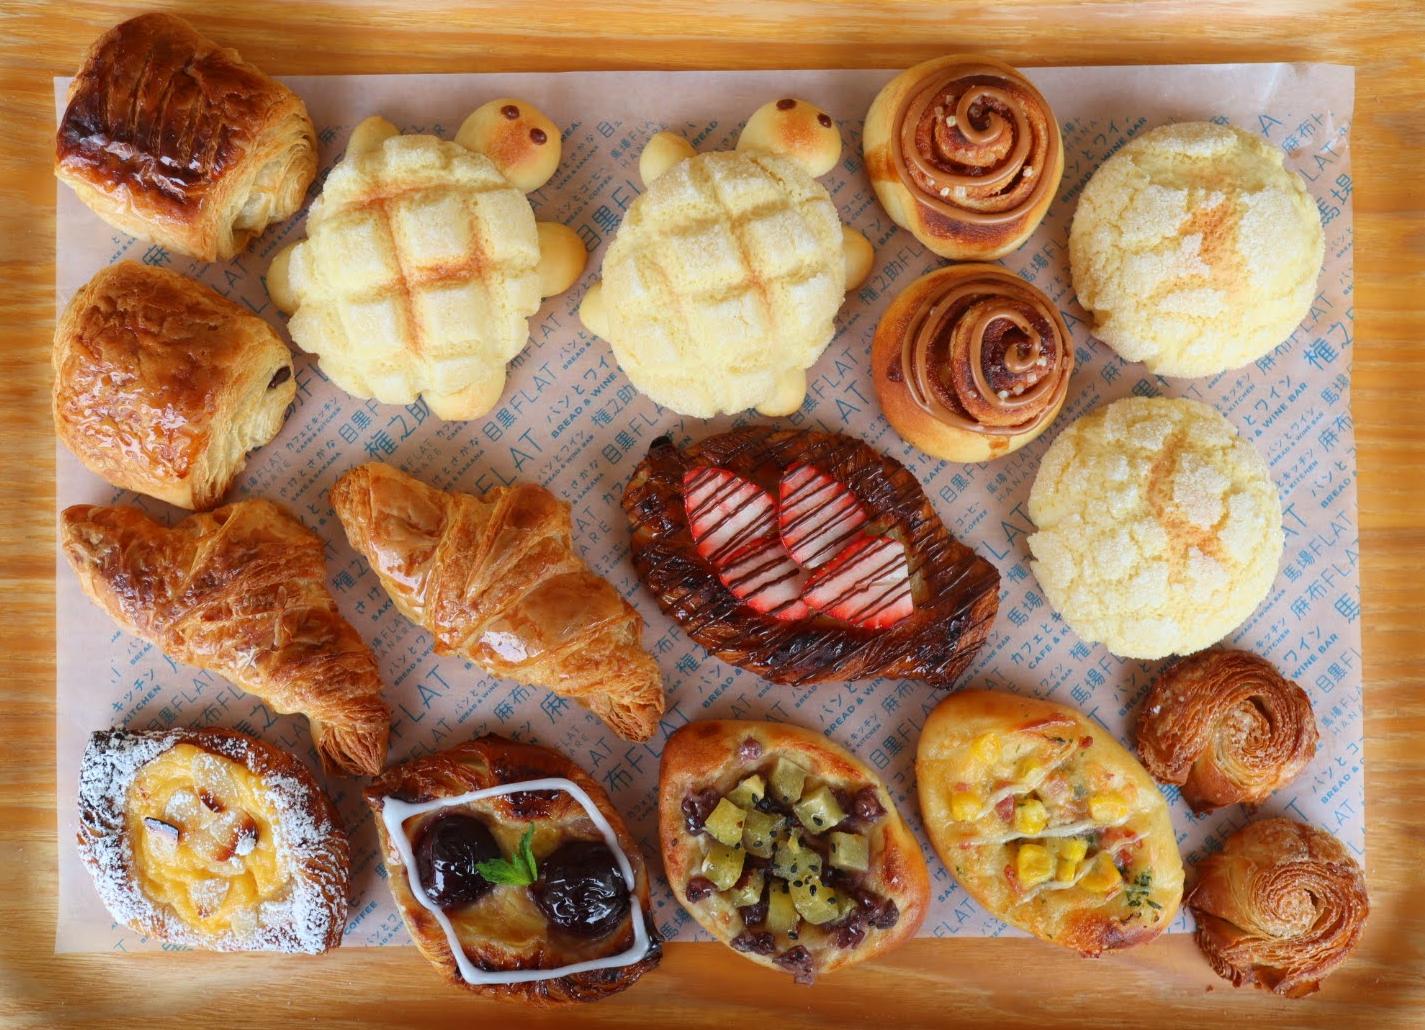 ◆ おうちで馬場FLAT発表会対象商品 ◆【手作りパンセット】「デニッシュ&菓子パン&メロン皮」冷凍パン生地セット